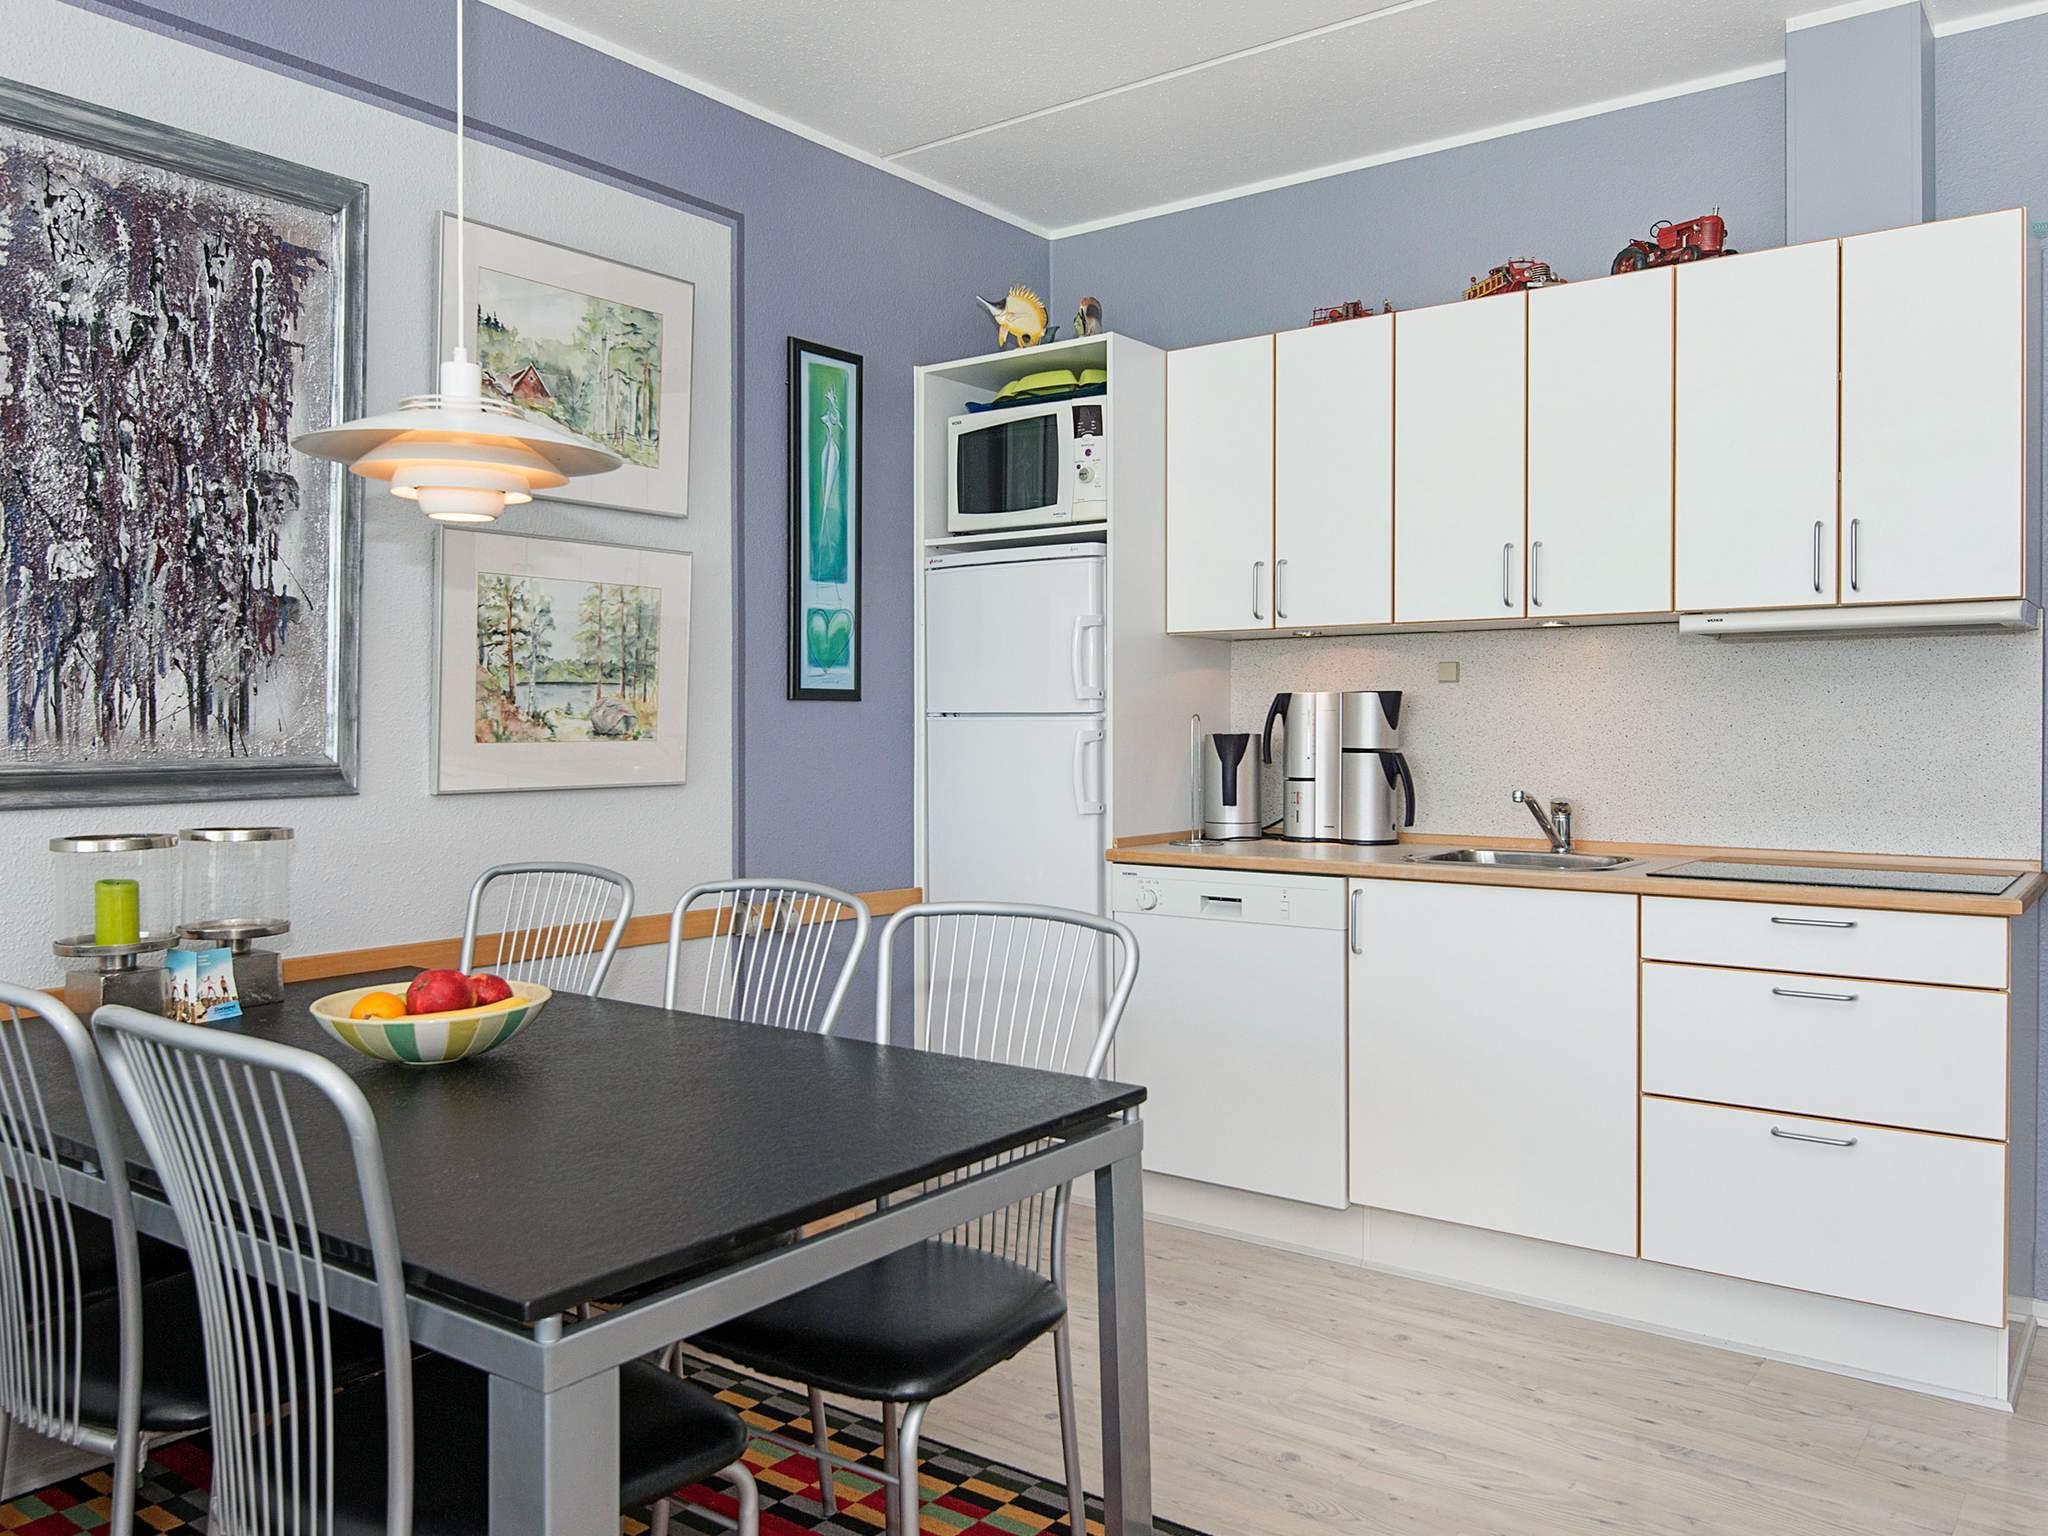 Ferienwohnung Bønnerup Strand - Typ 5 - 3 Zimmer,1.stock,Penthouse (1719346), Bønnerup, , Ostjütland, Dänemark, Bild 18